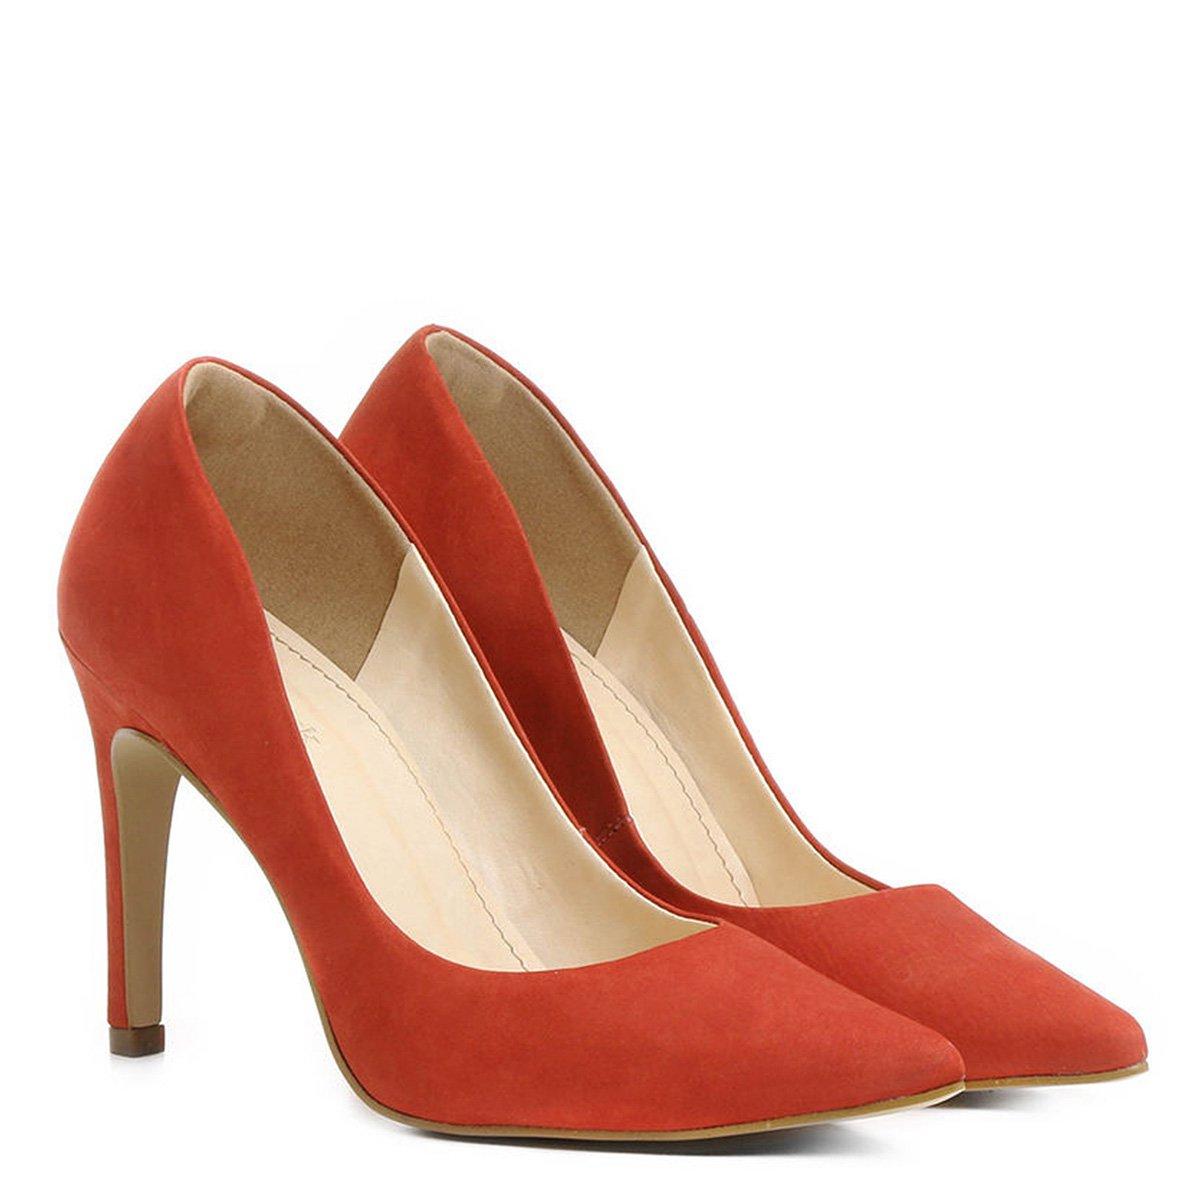 61da61fb44 Scarpin Couro Shoestock Salto Alto Bico Fino Nobuck - Compre Agora ...